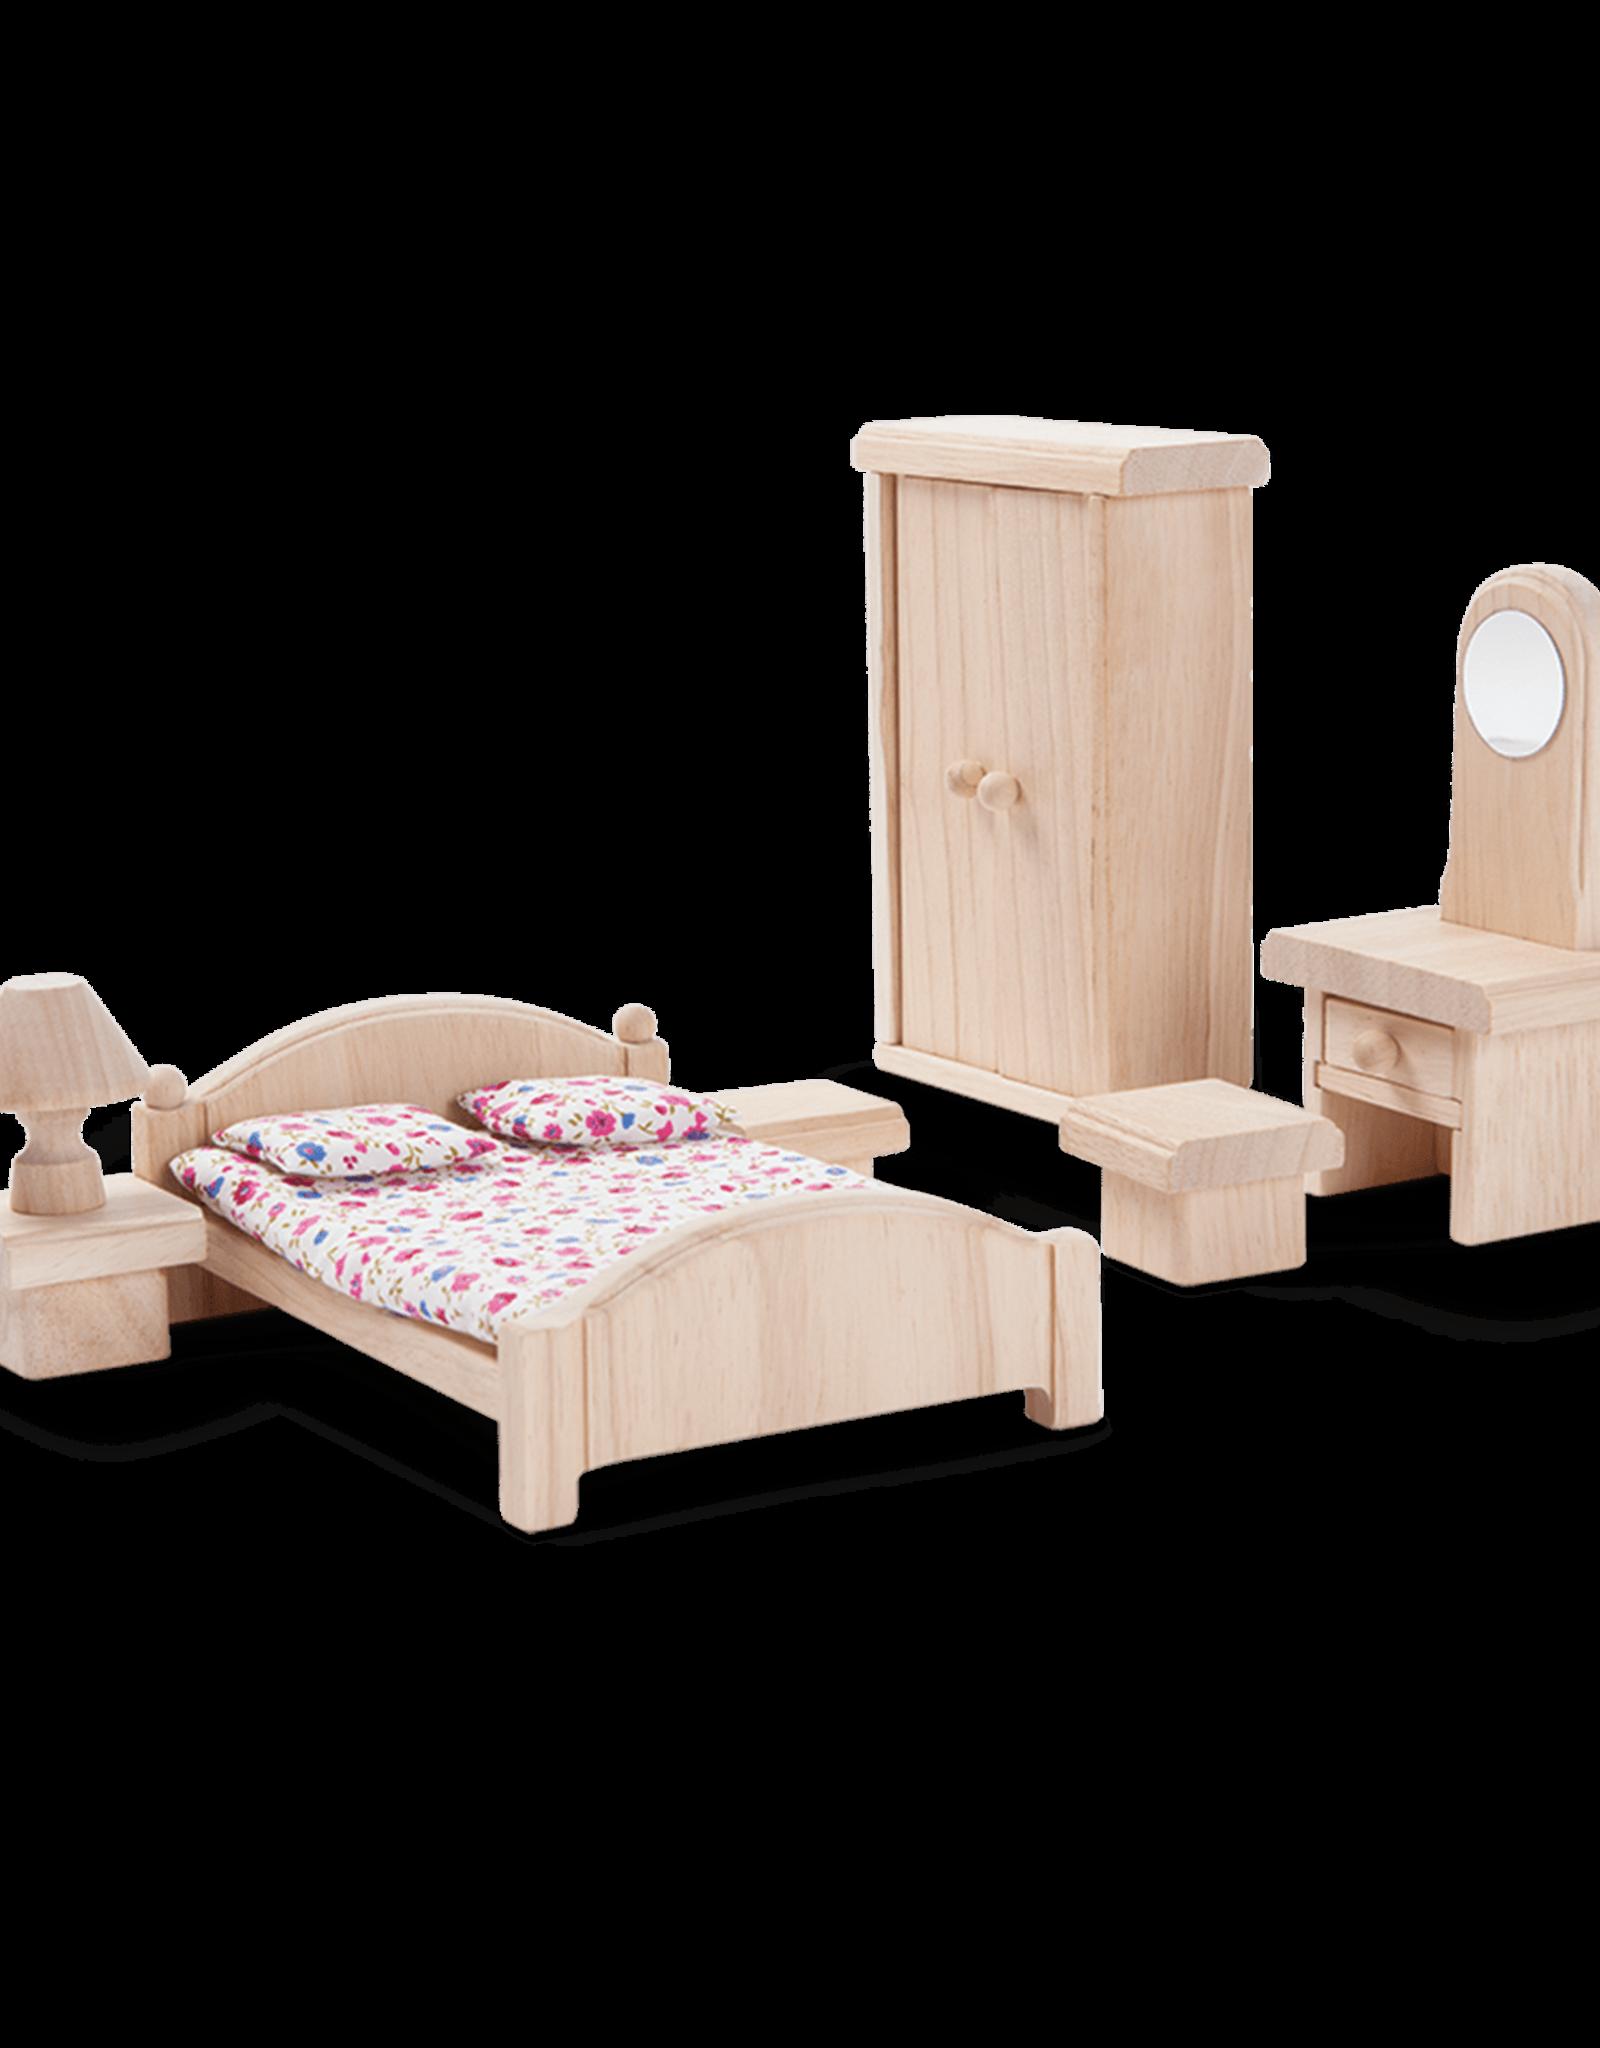 Plan Toys Chambre à coucher